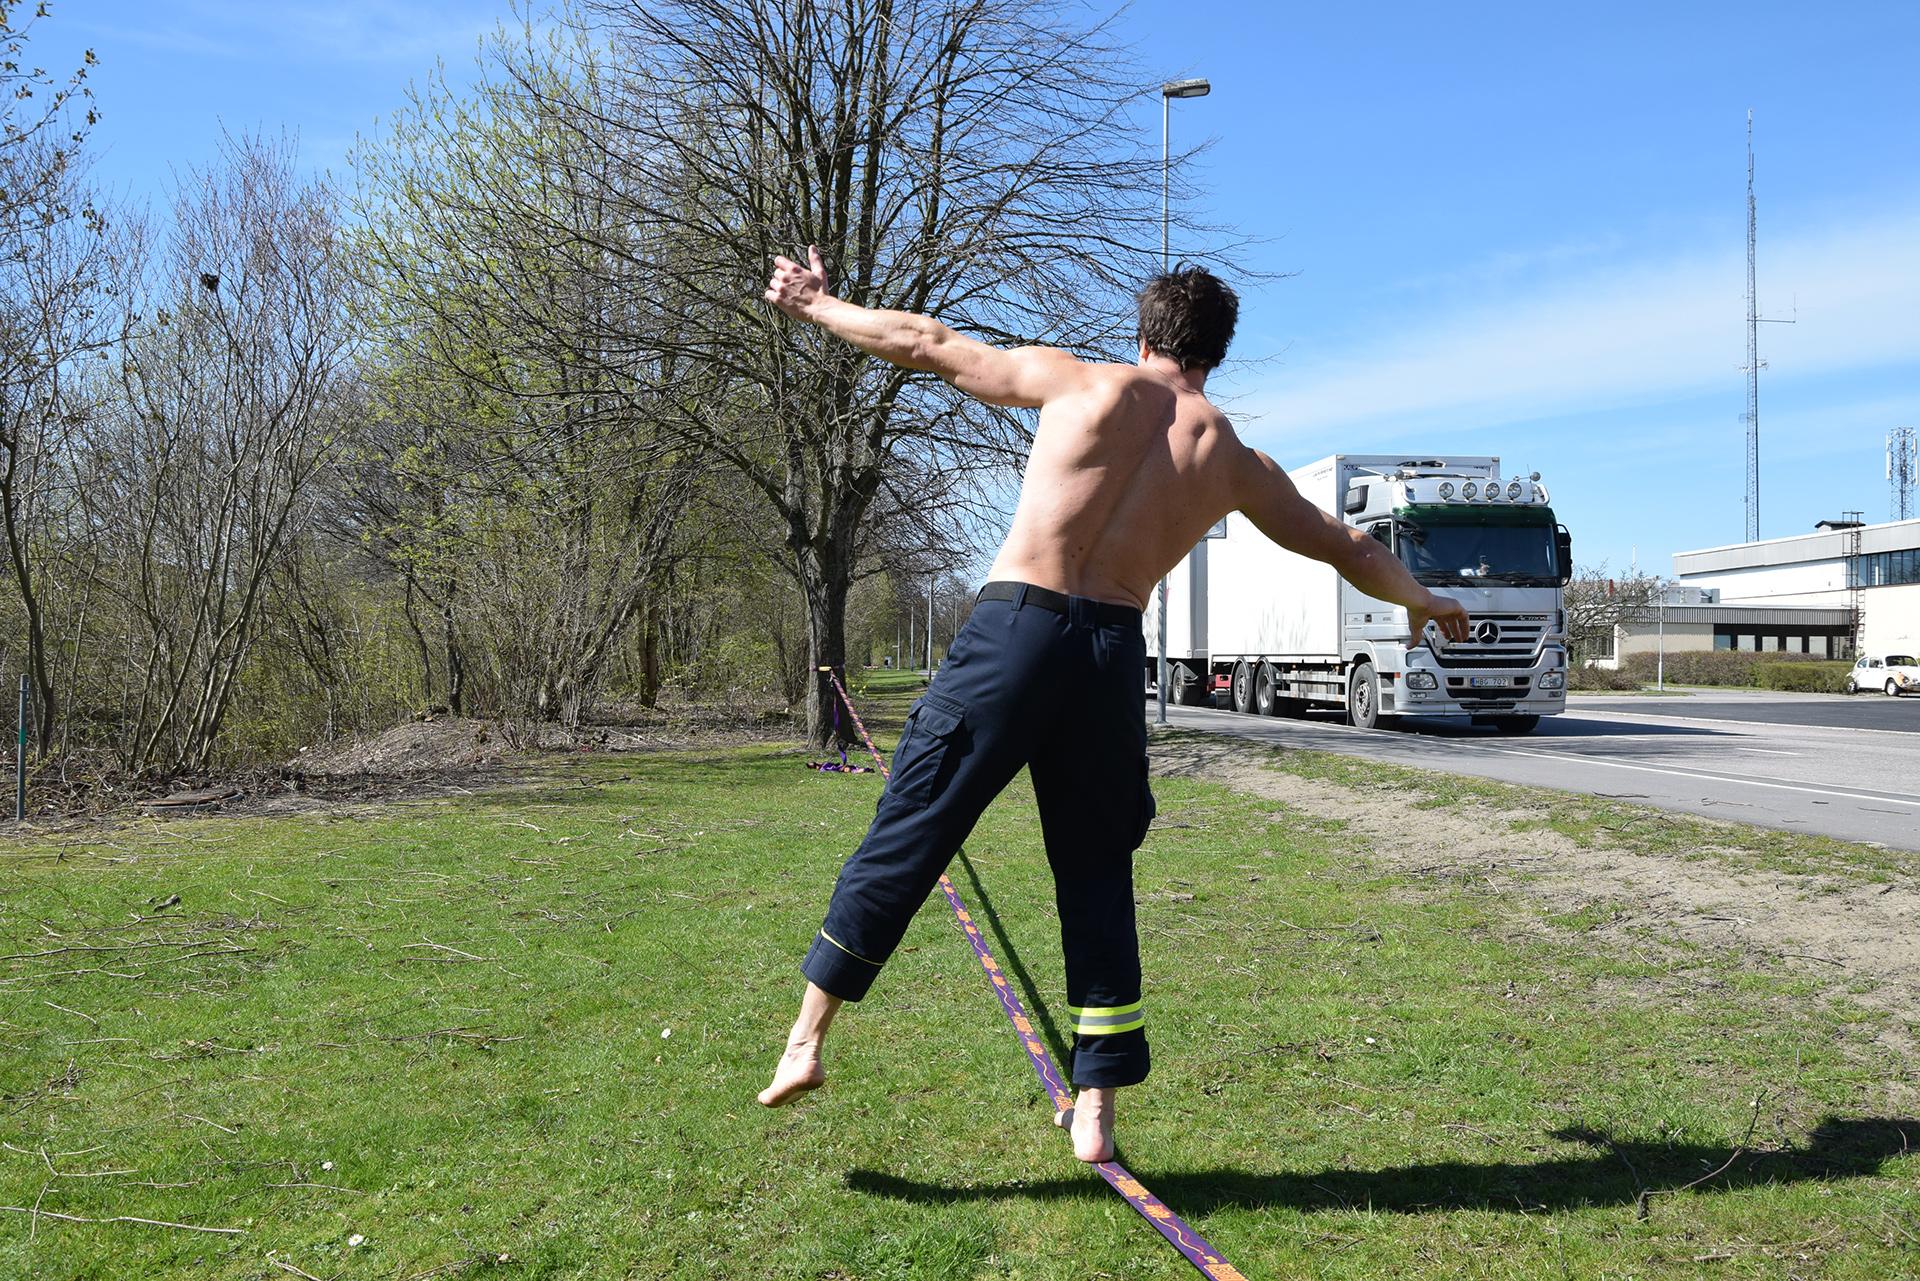 Slackline - bästa träningen när det inte blåser